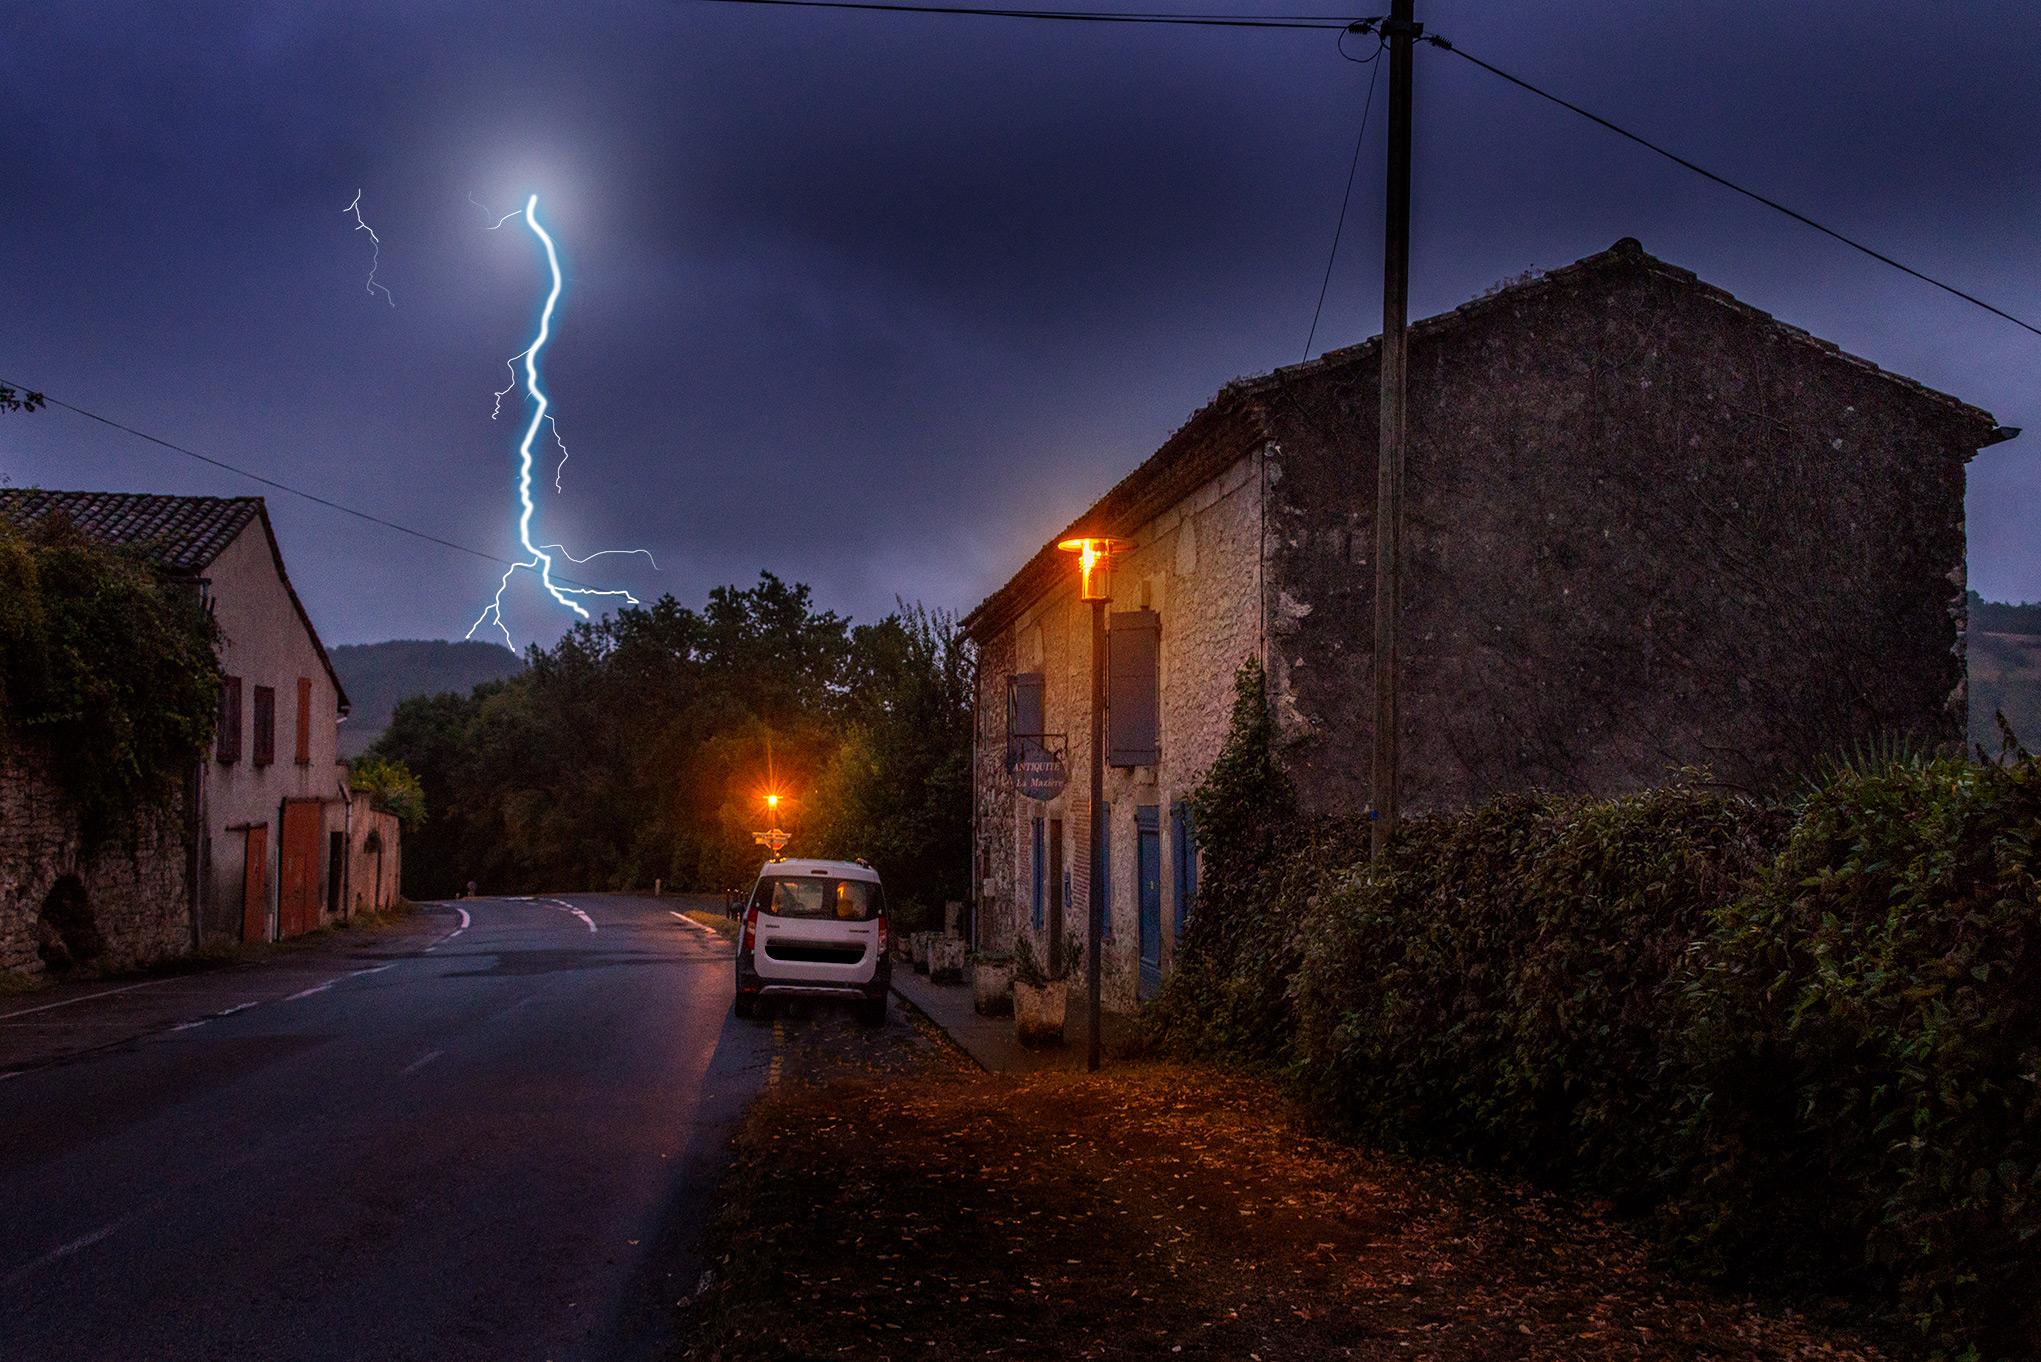 brocante_lightning.jpg